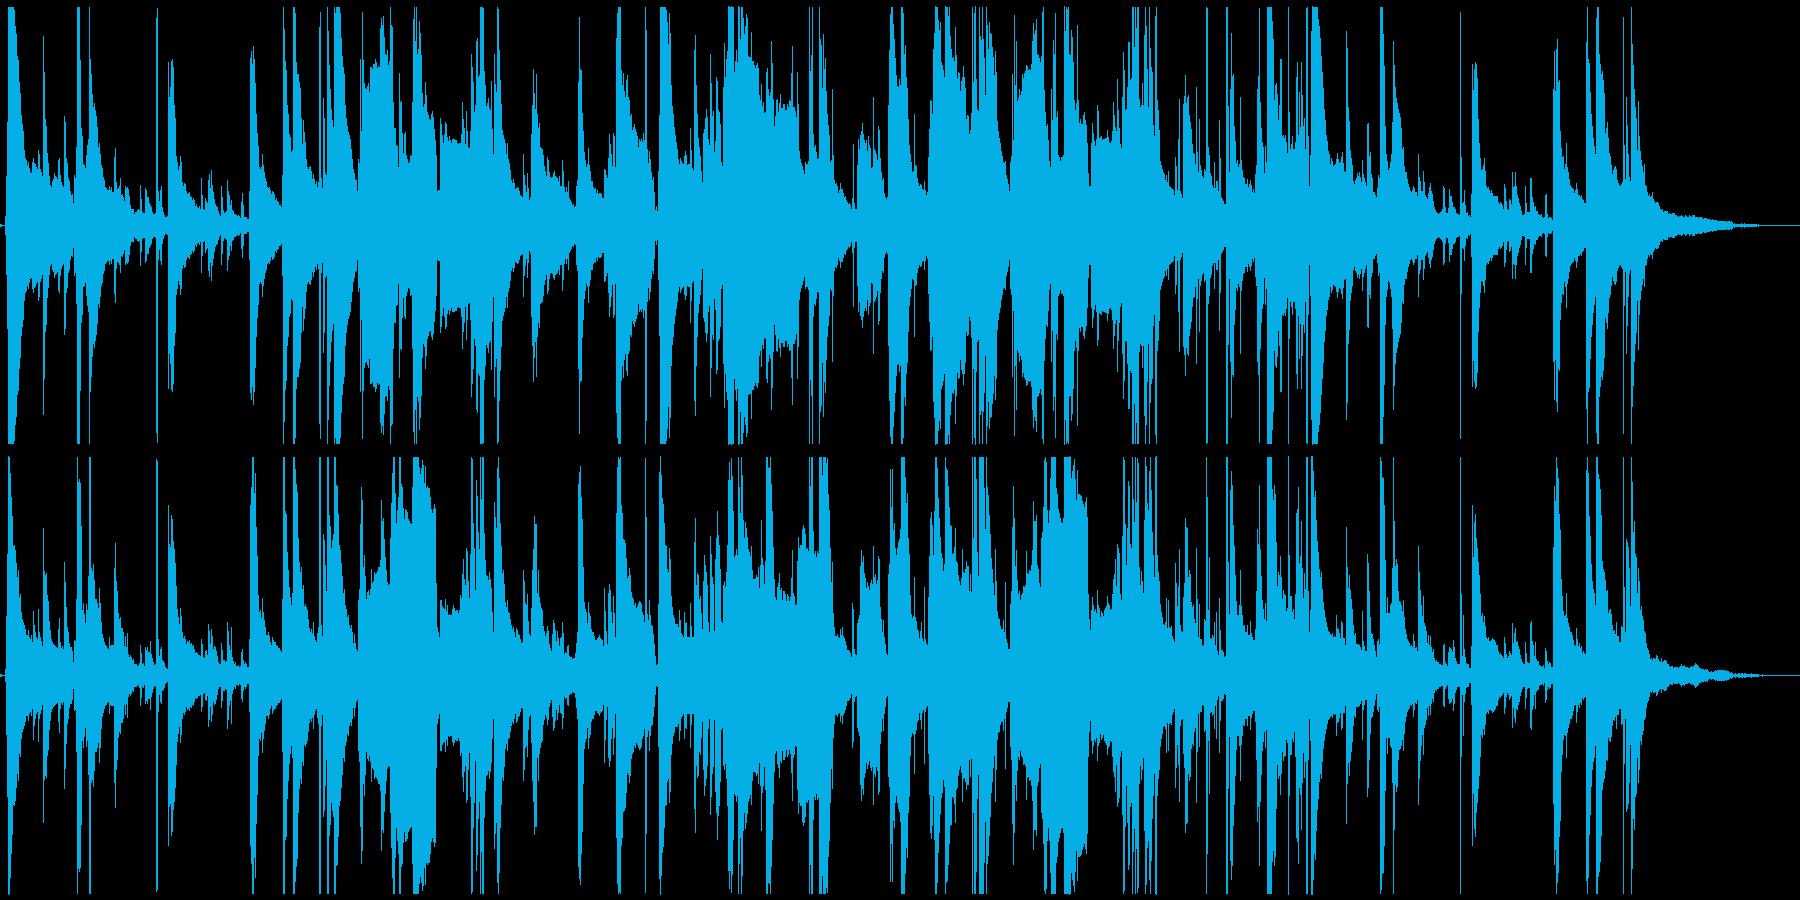 ハードボイルドな哀愁のあるゆったりジャズの再生済みの波形